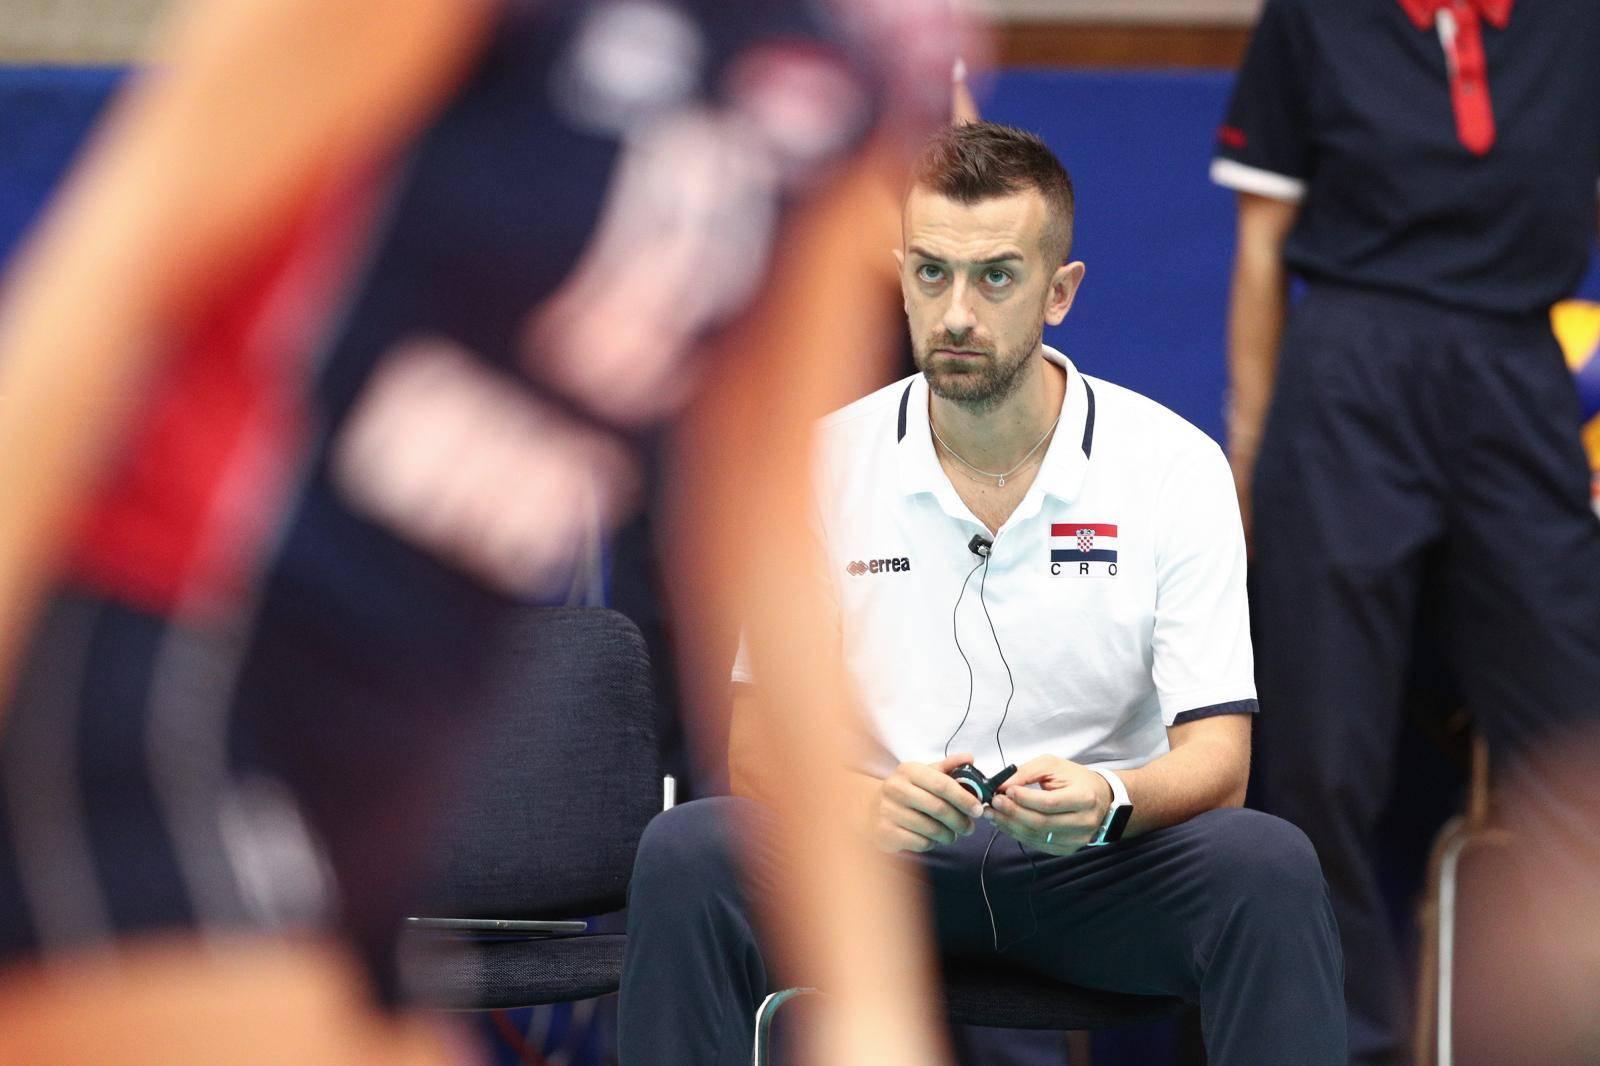 Daniele Santarelli je novi/stari izbornik hrvatskih odbojkašica